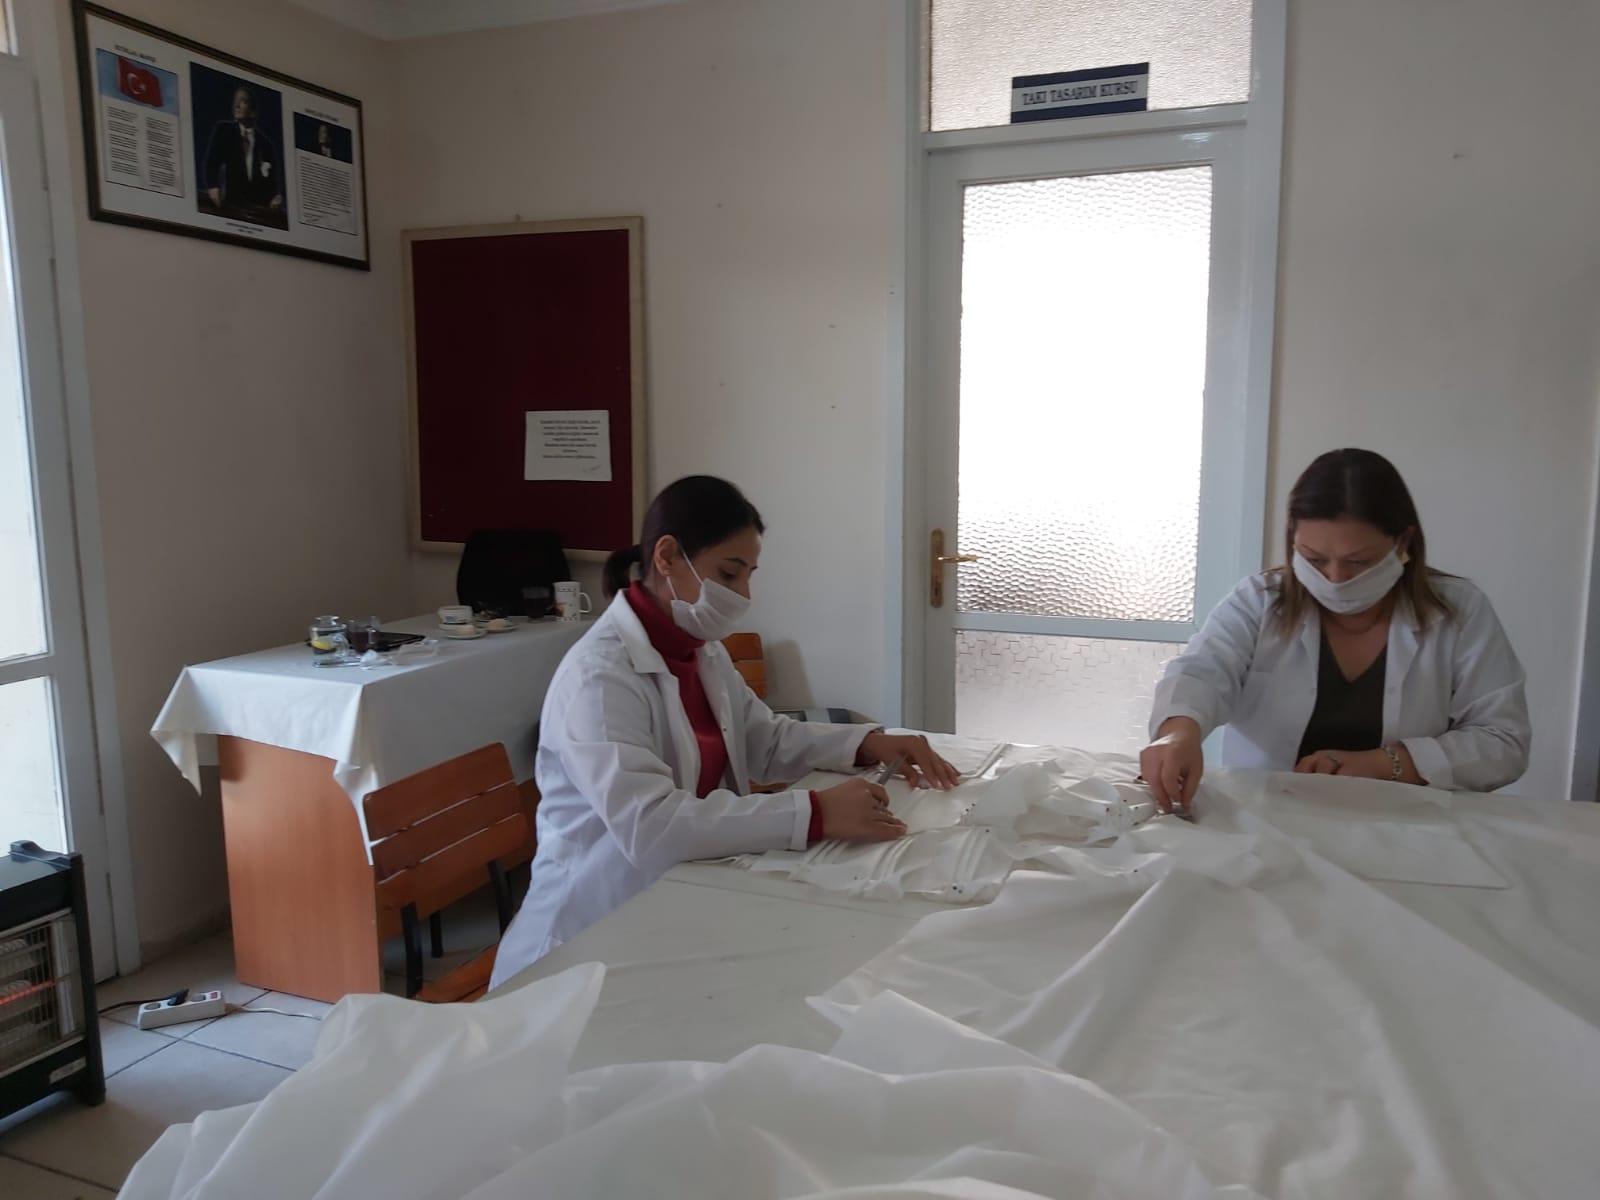 Menemen Belediyesi Koronavirüs'le mücadele kapsamında maske üretimine başladı